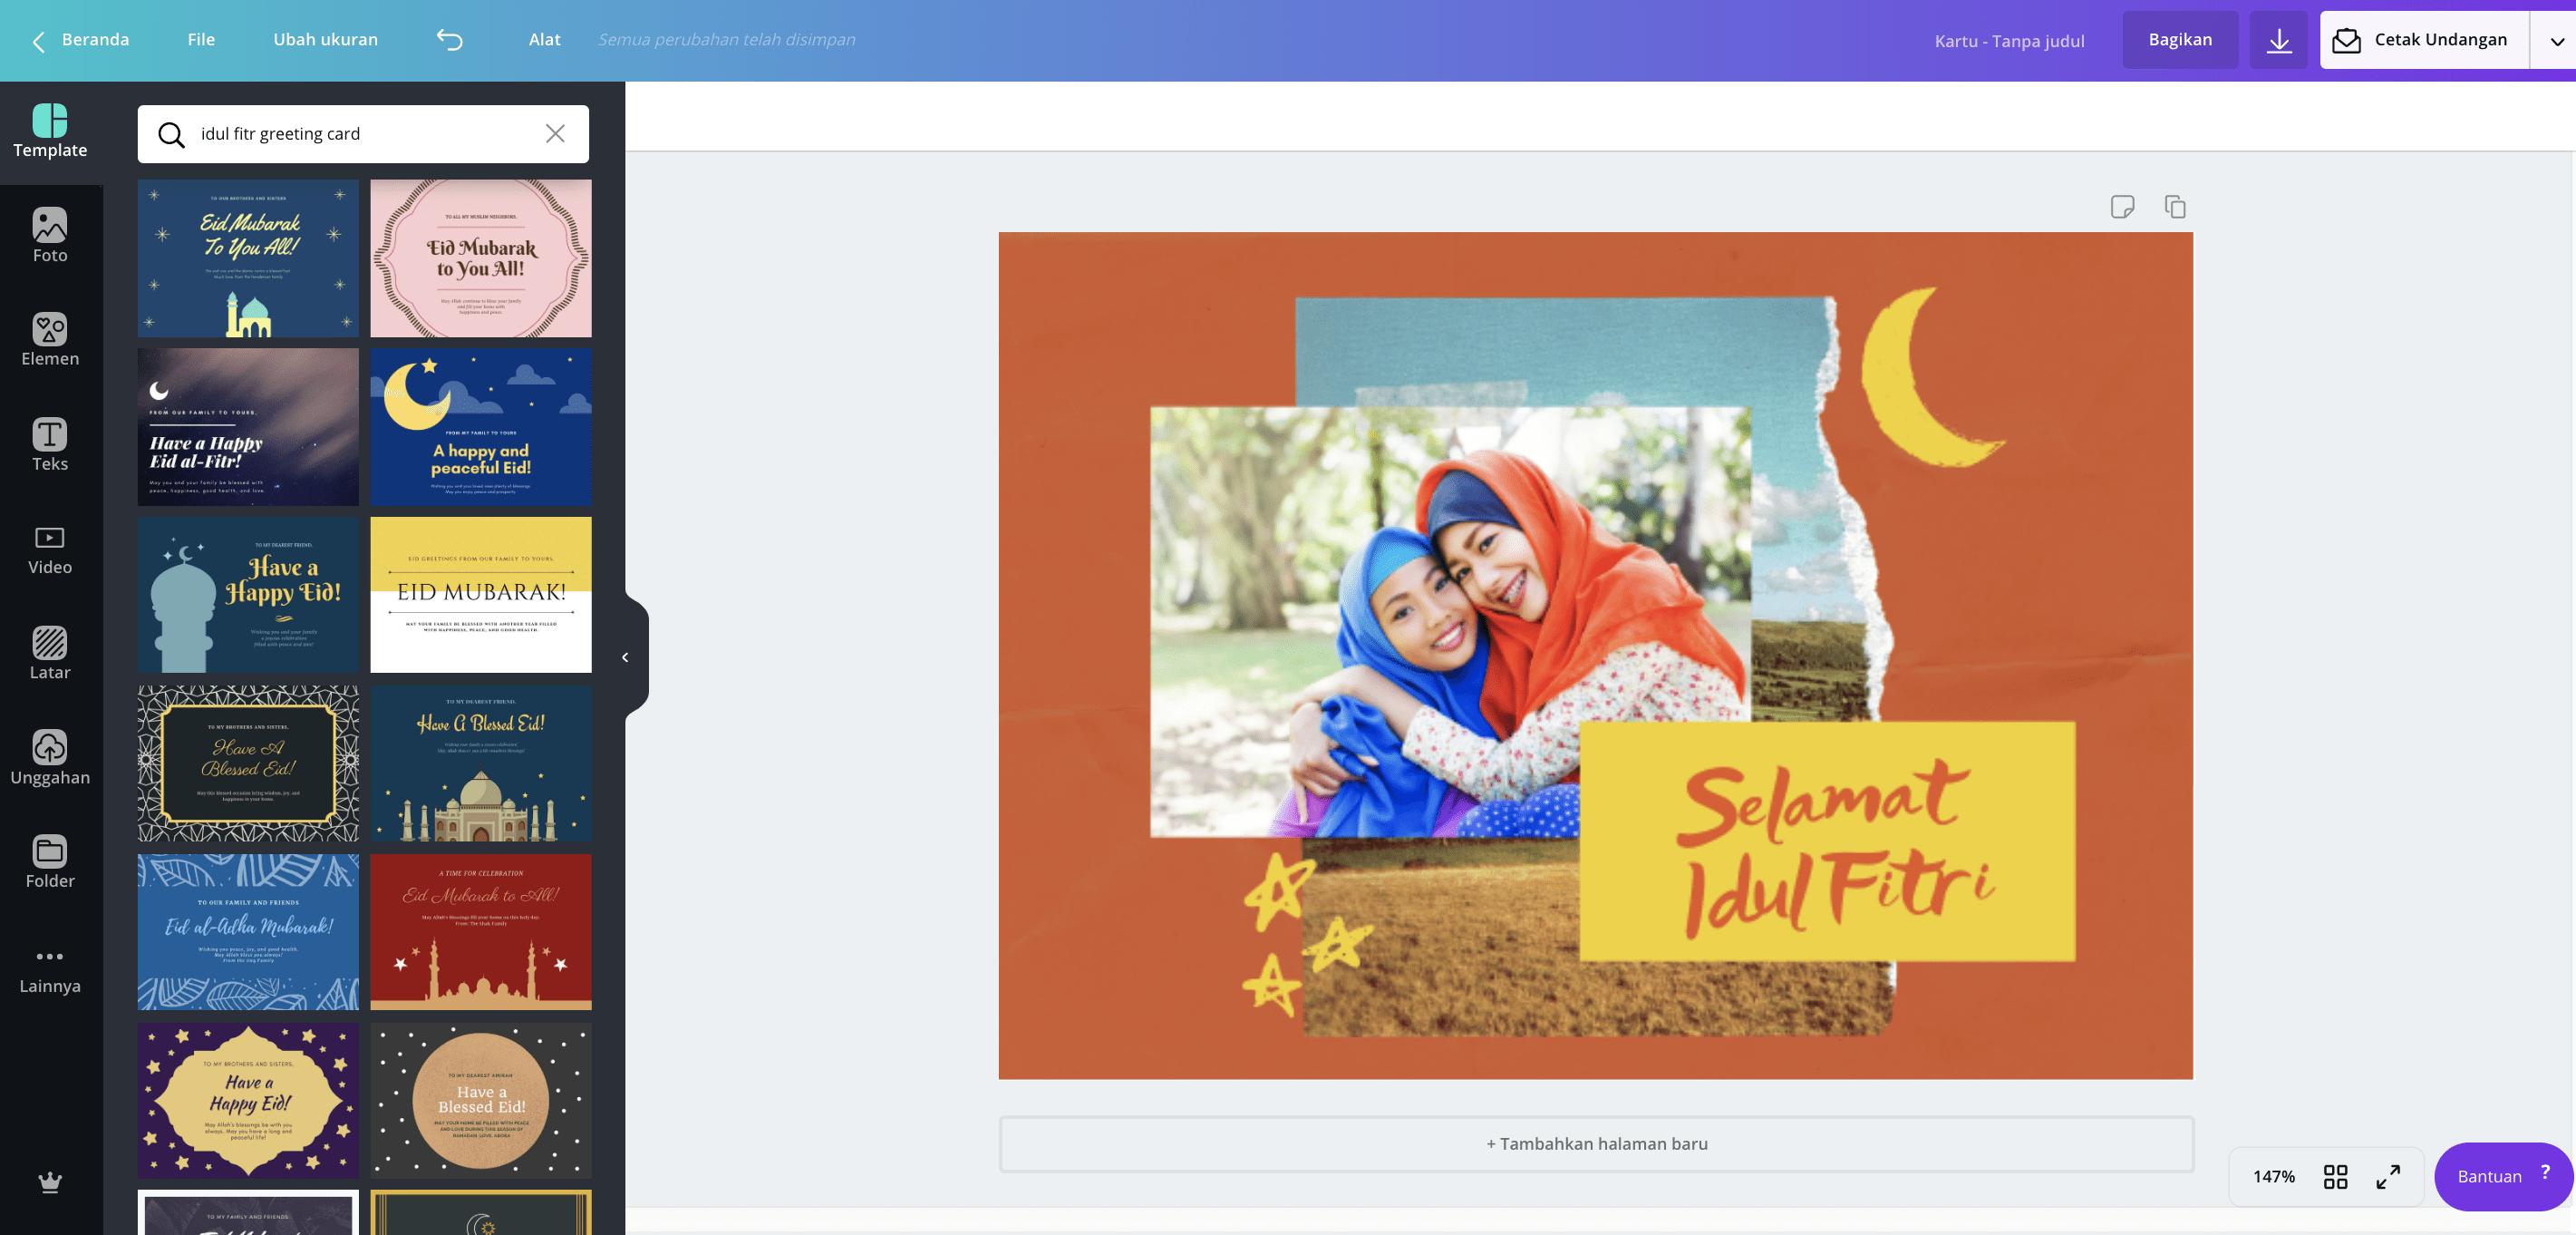 Screen Shot 2019-06-03 at 2.54.22 PM